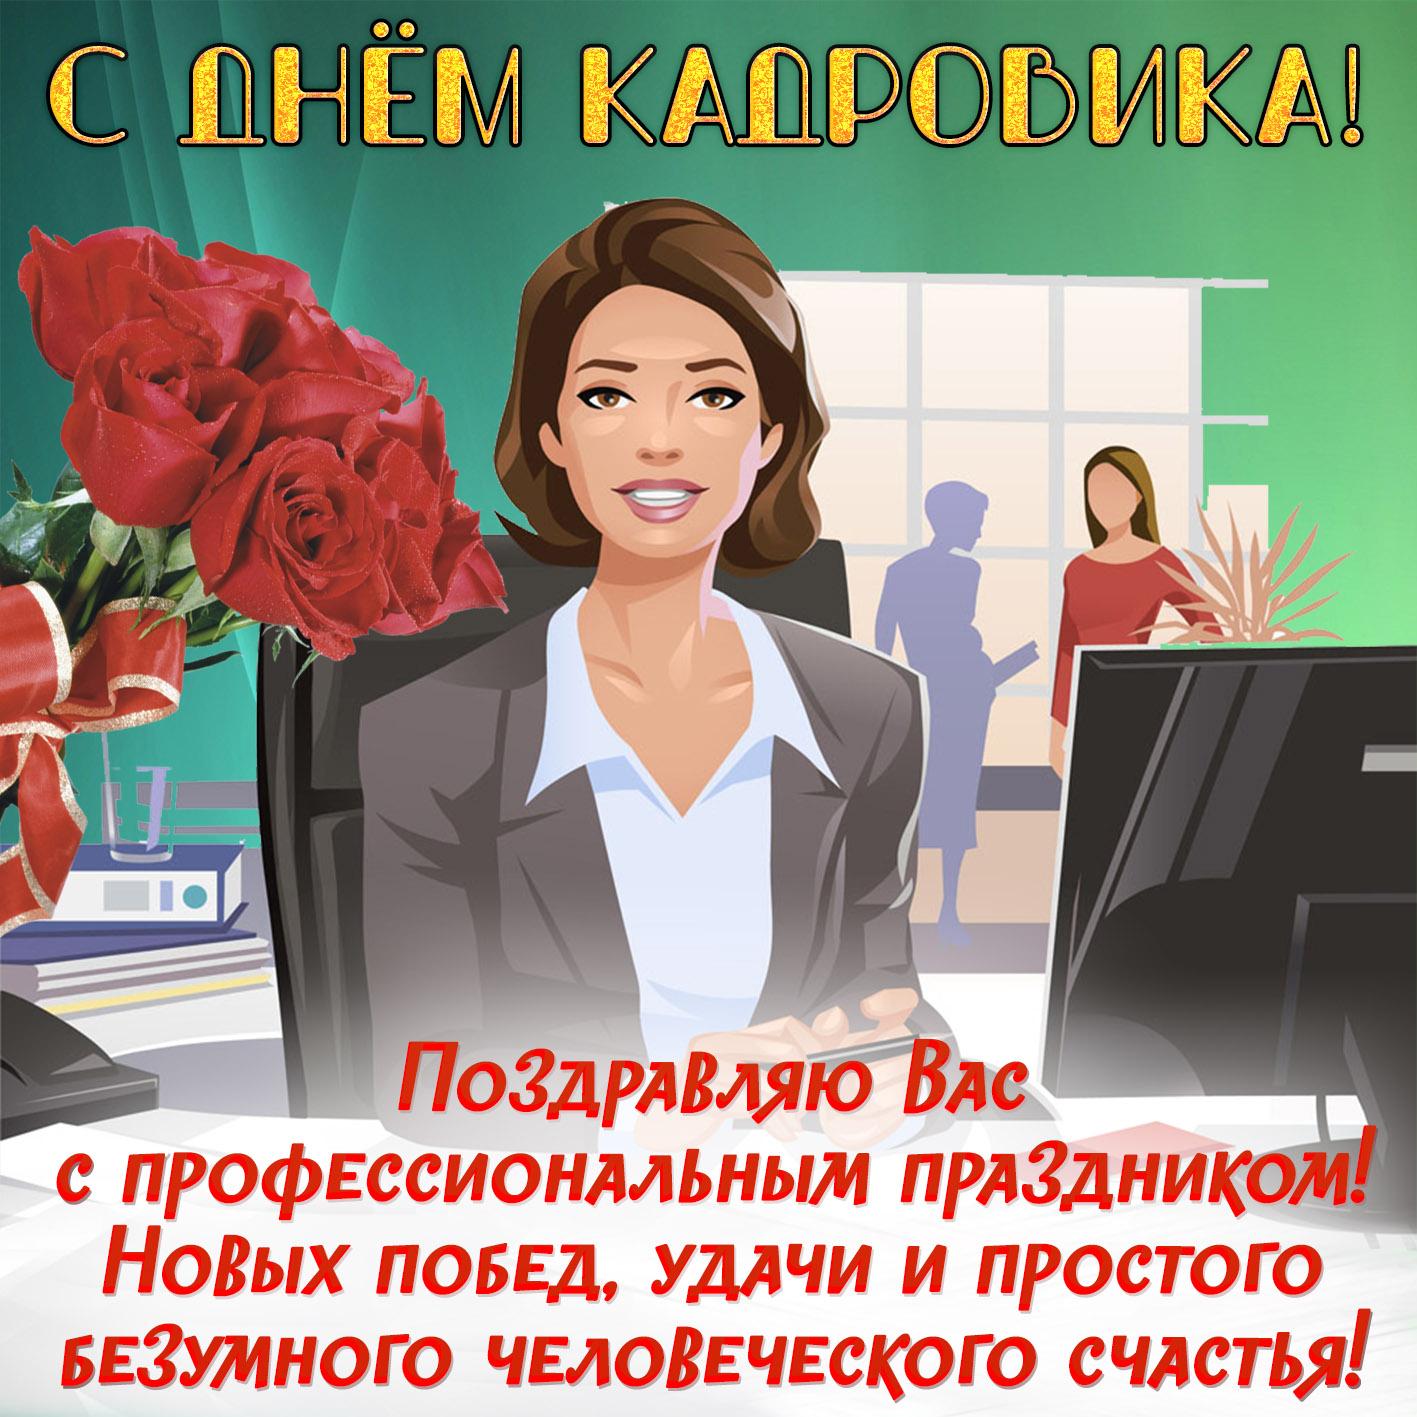 Поздравление с юбилеем работнику отдела кадров